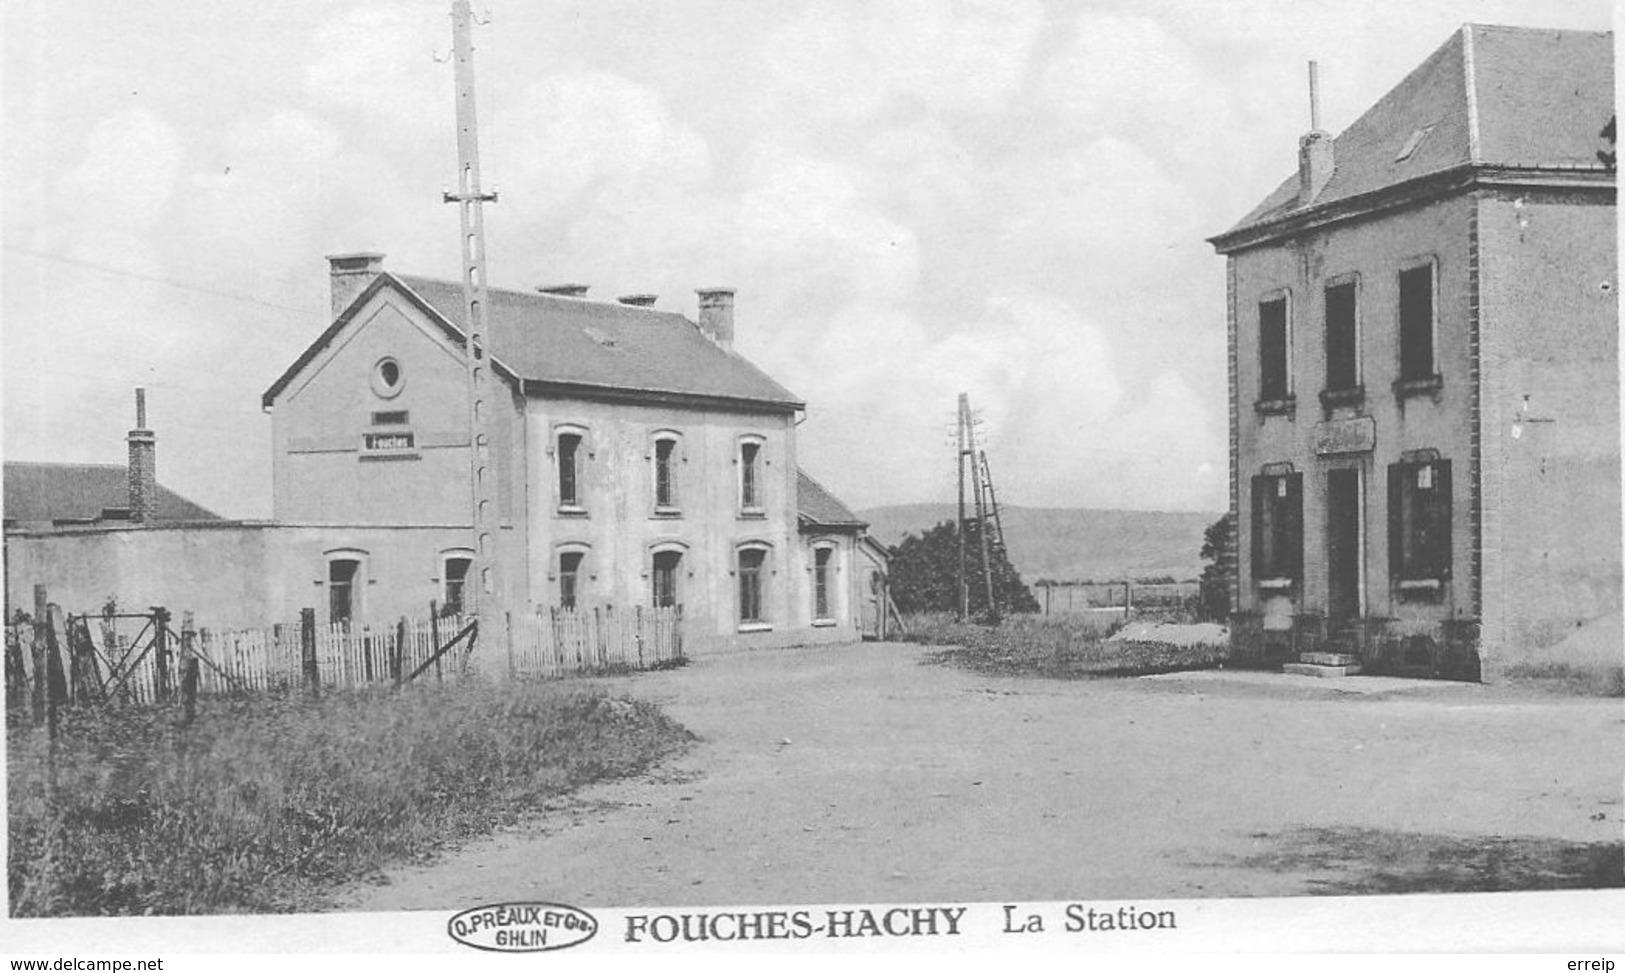 Arlon Fouches Hachy La Station - Arlon